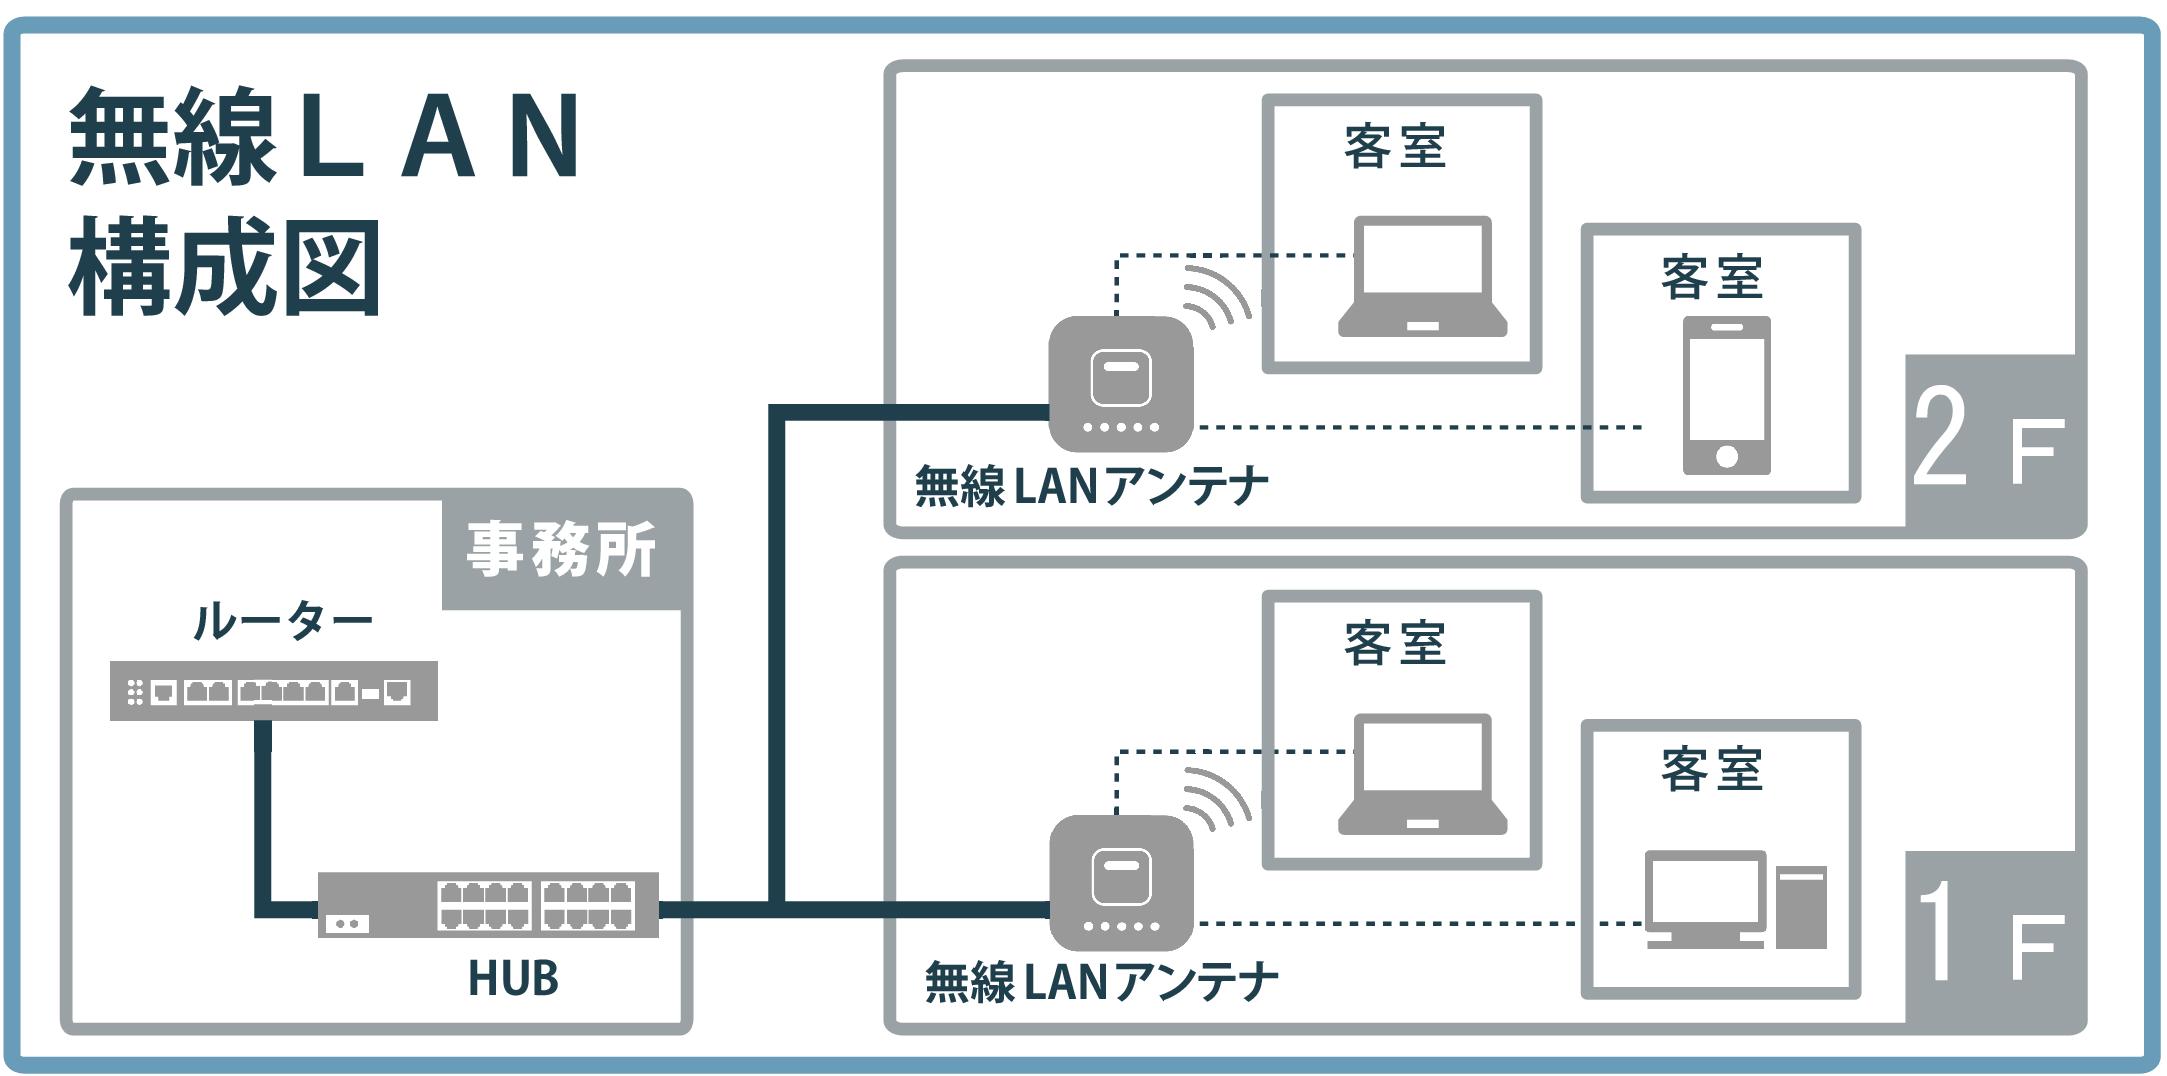 無線LAN構成イメージ-001